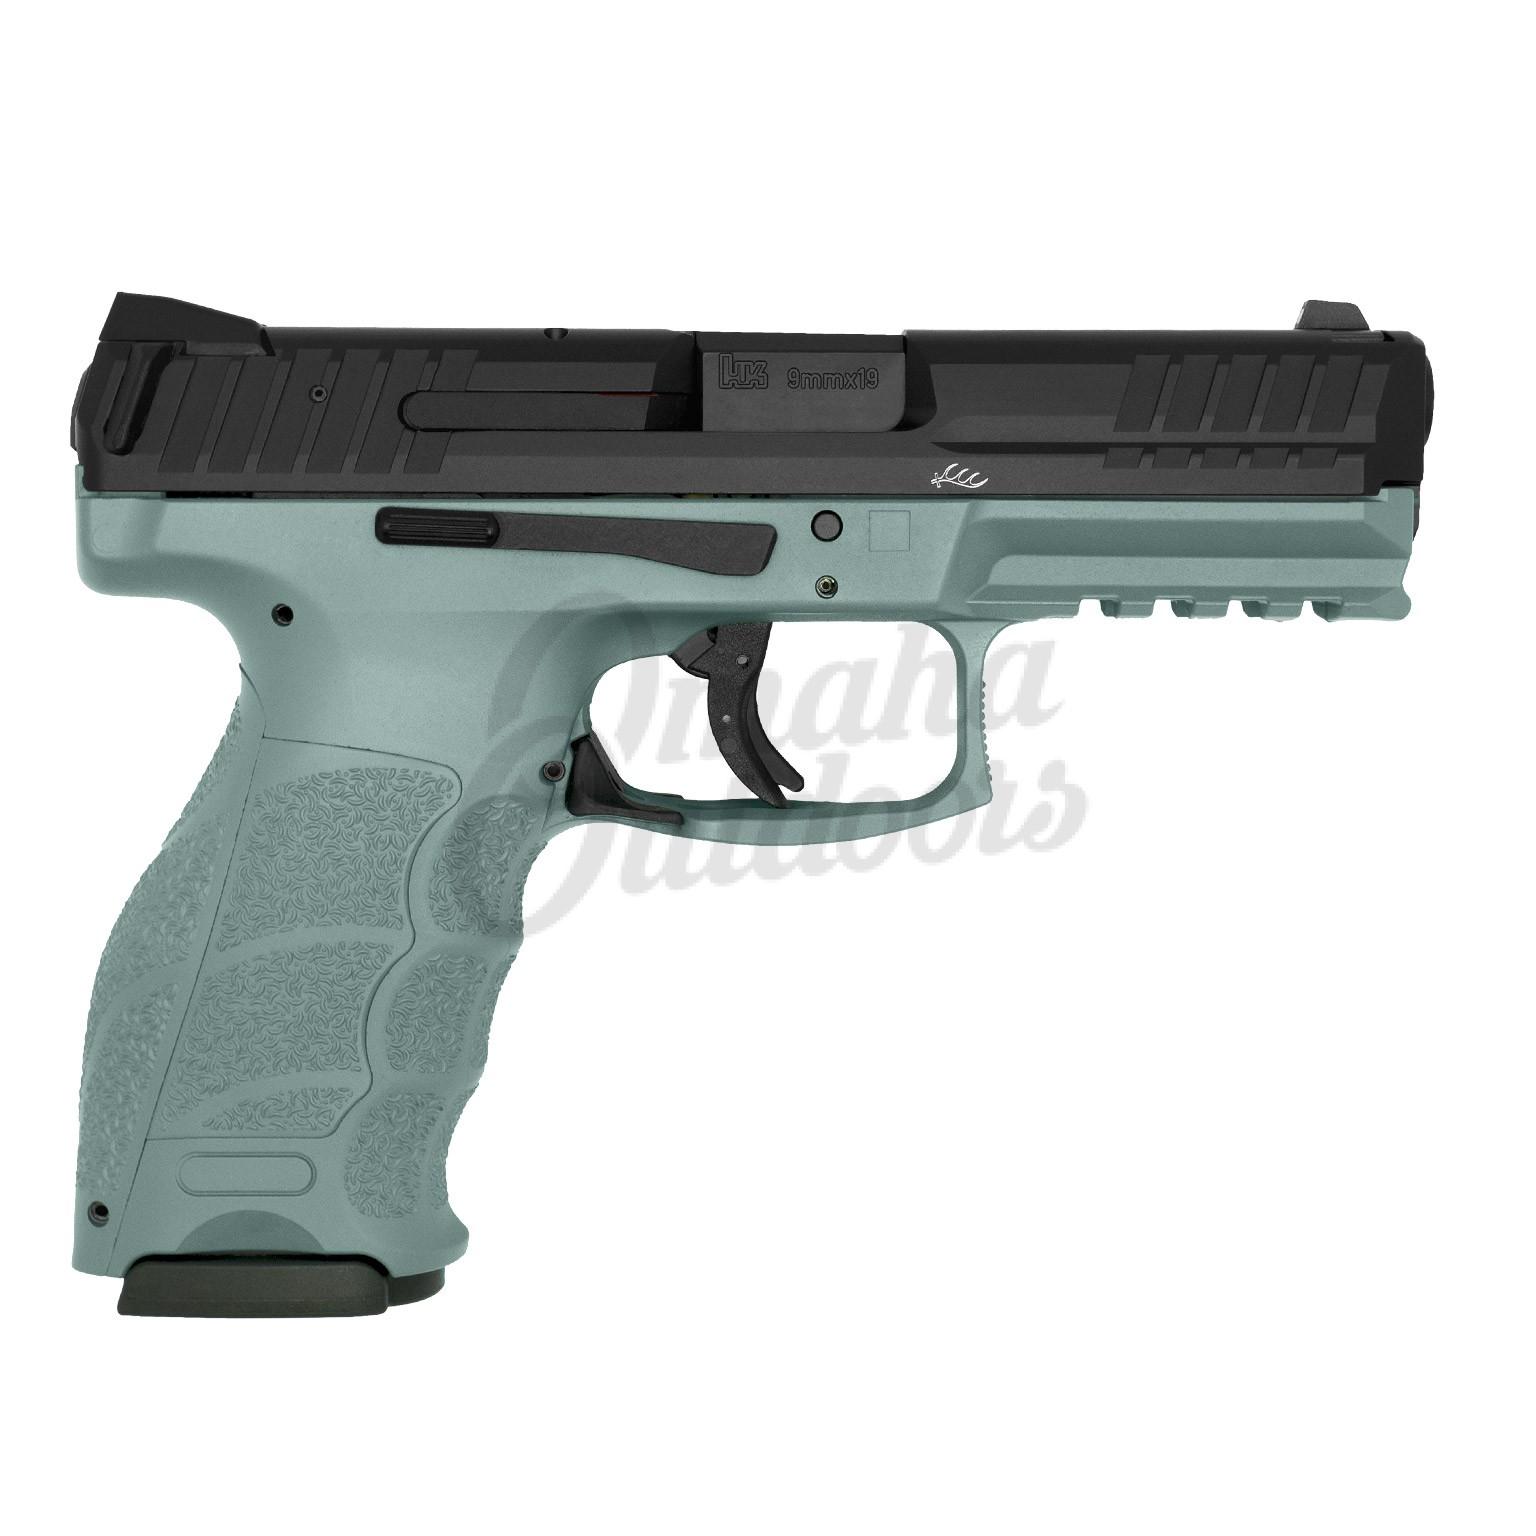 HK VP9 LE Urban Gray Pistol 17 RD 9mm Night Sights